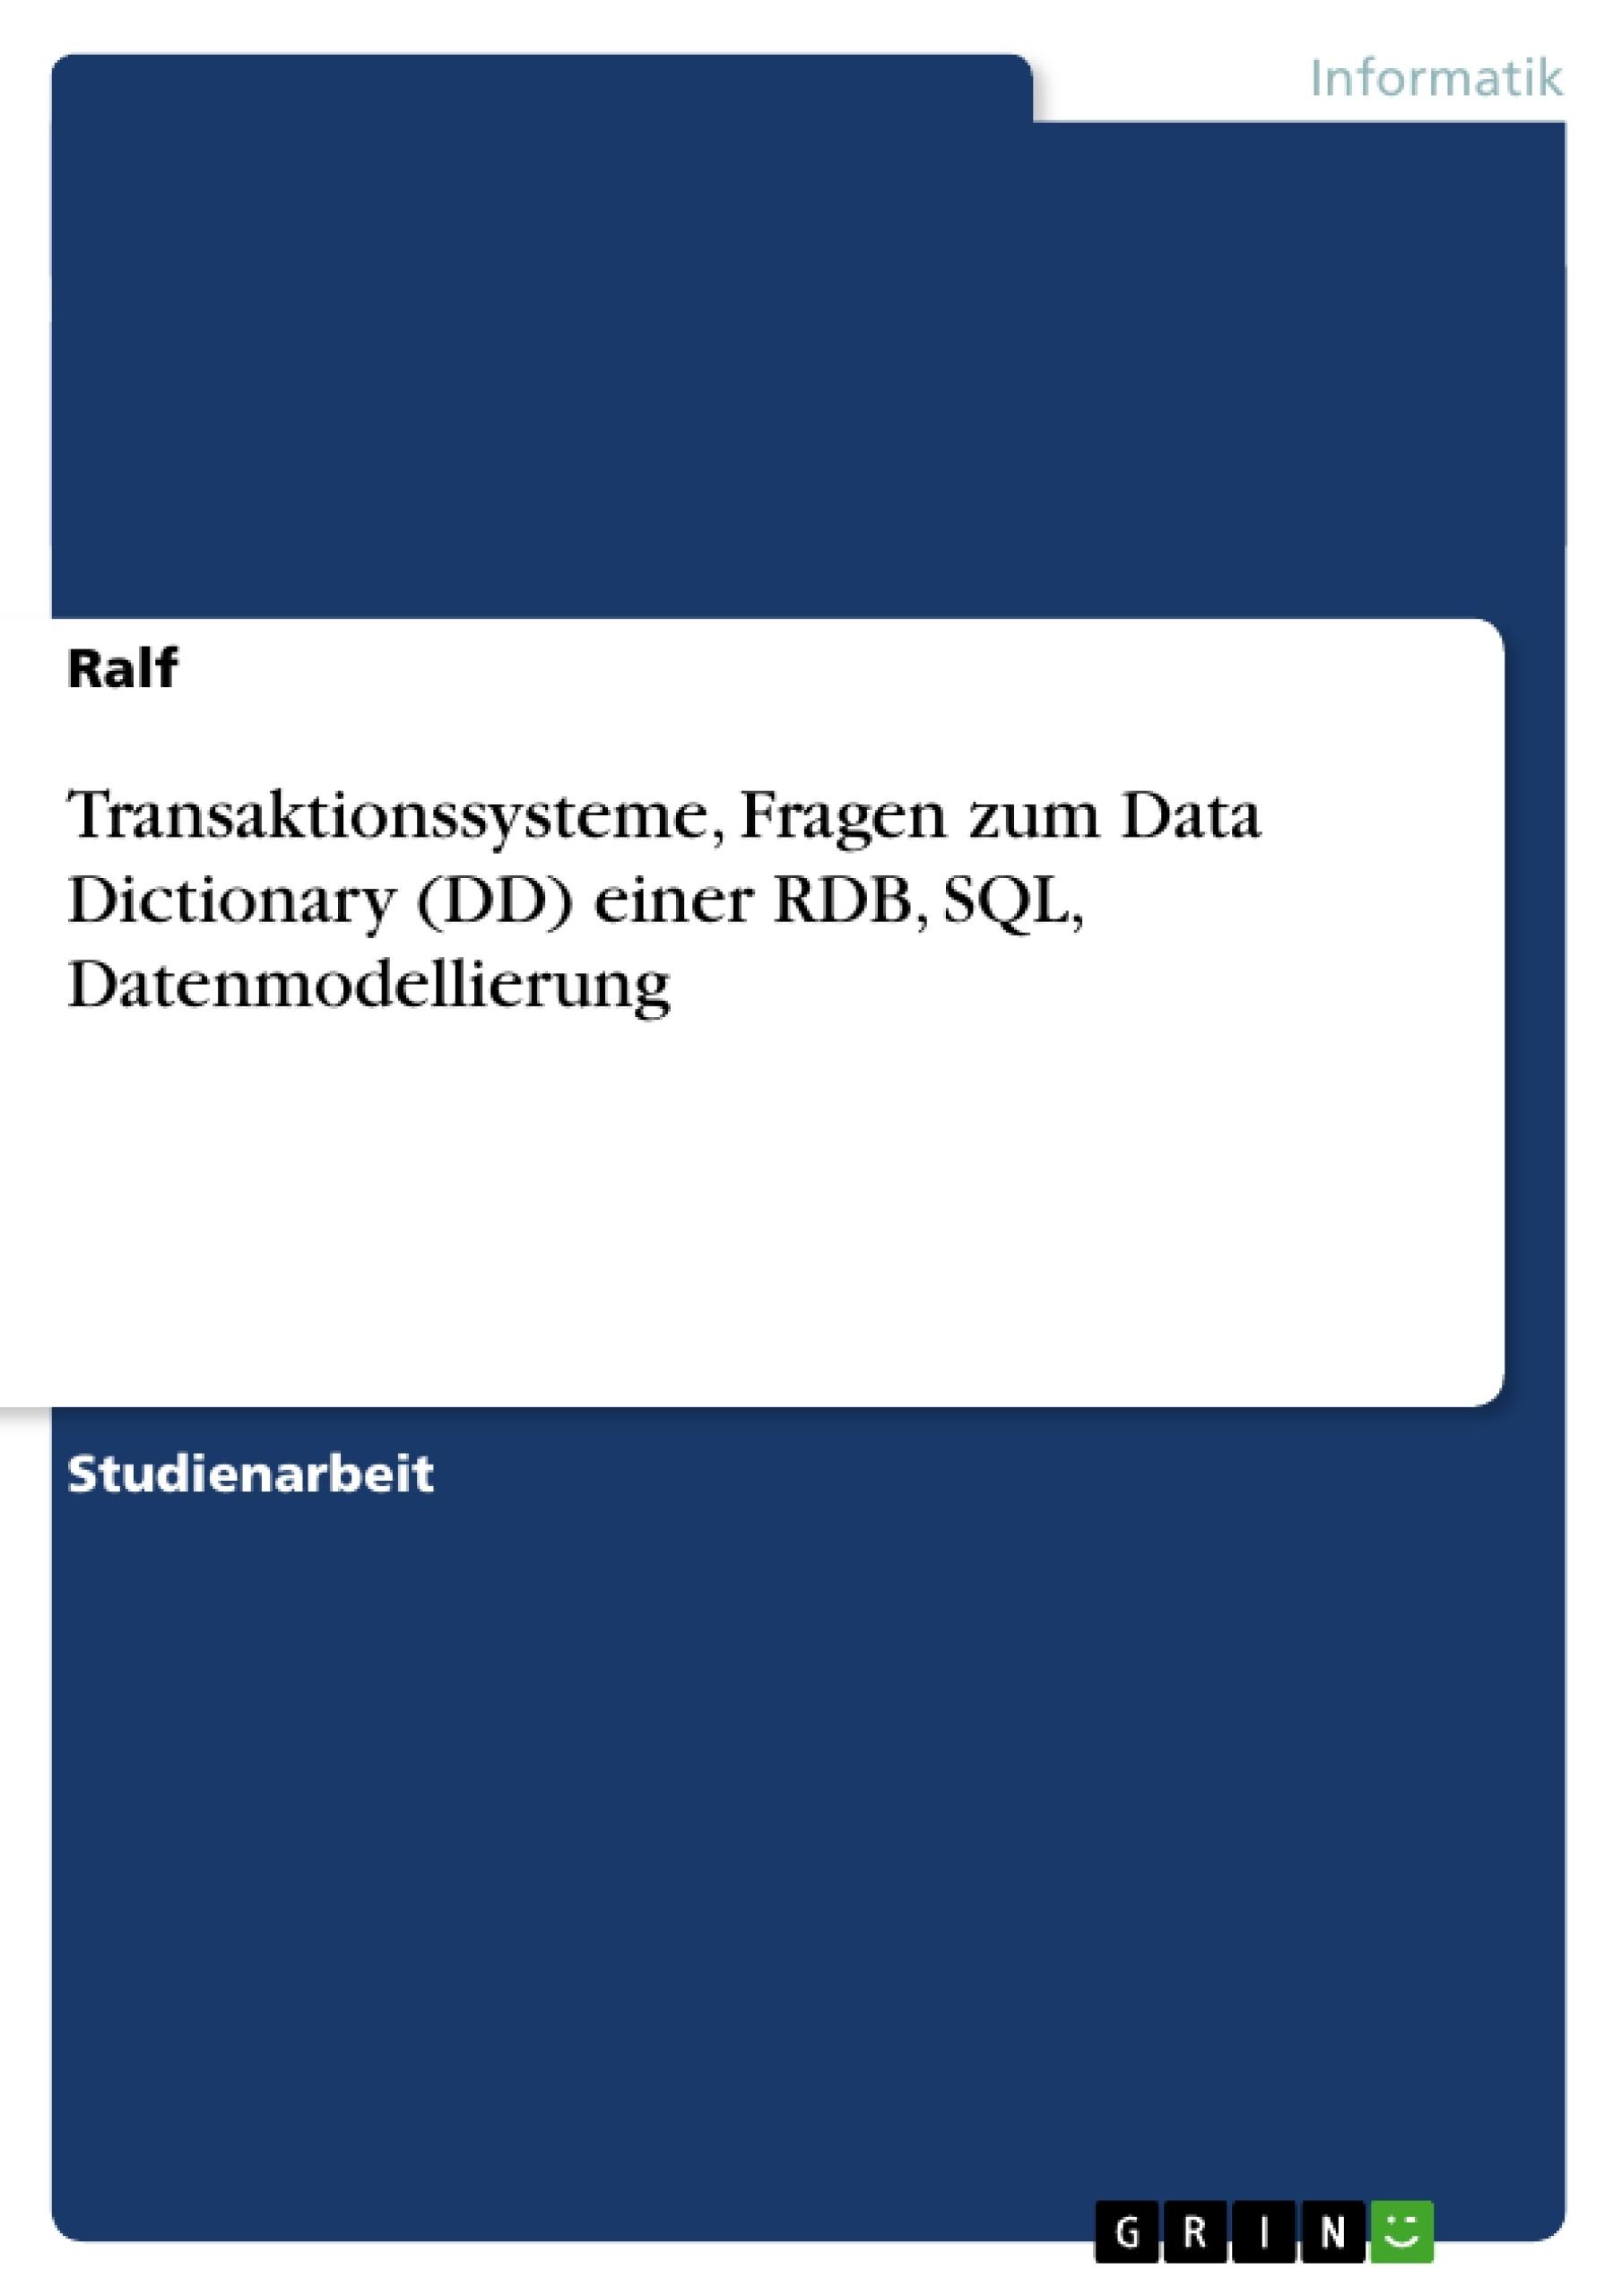 Titel: Transaktionssysteme, Fragen zum Data Dictionary (DD) einer RDB, SQL, Datenmodellierung